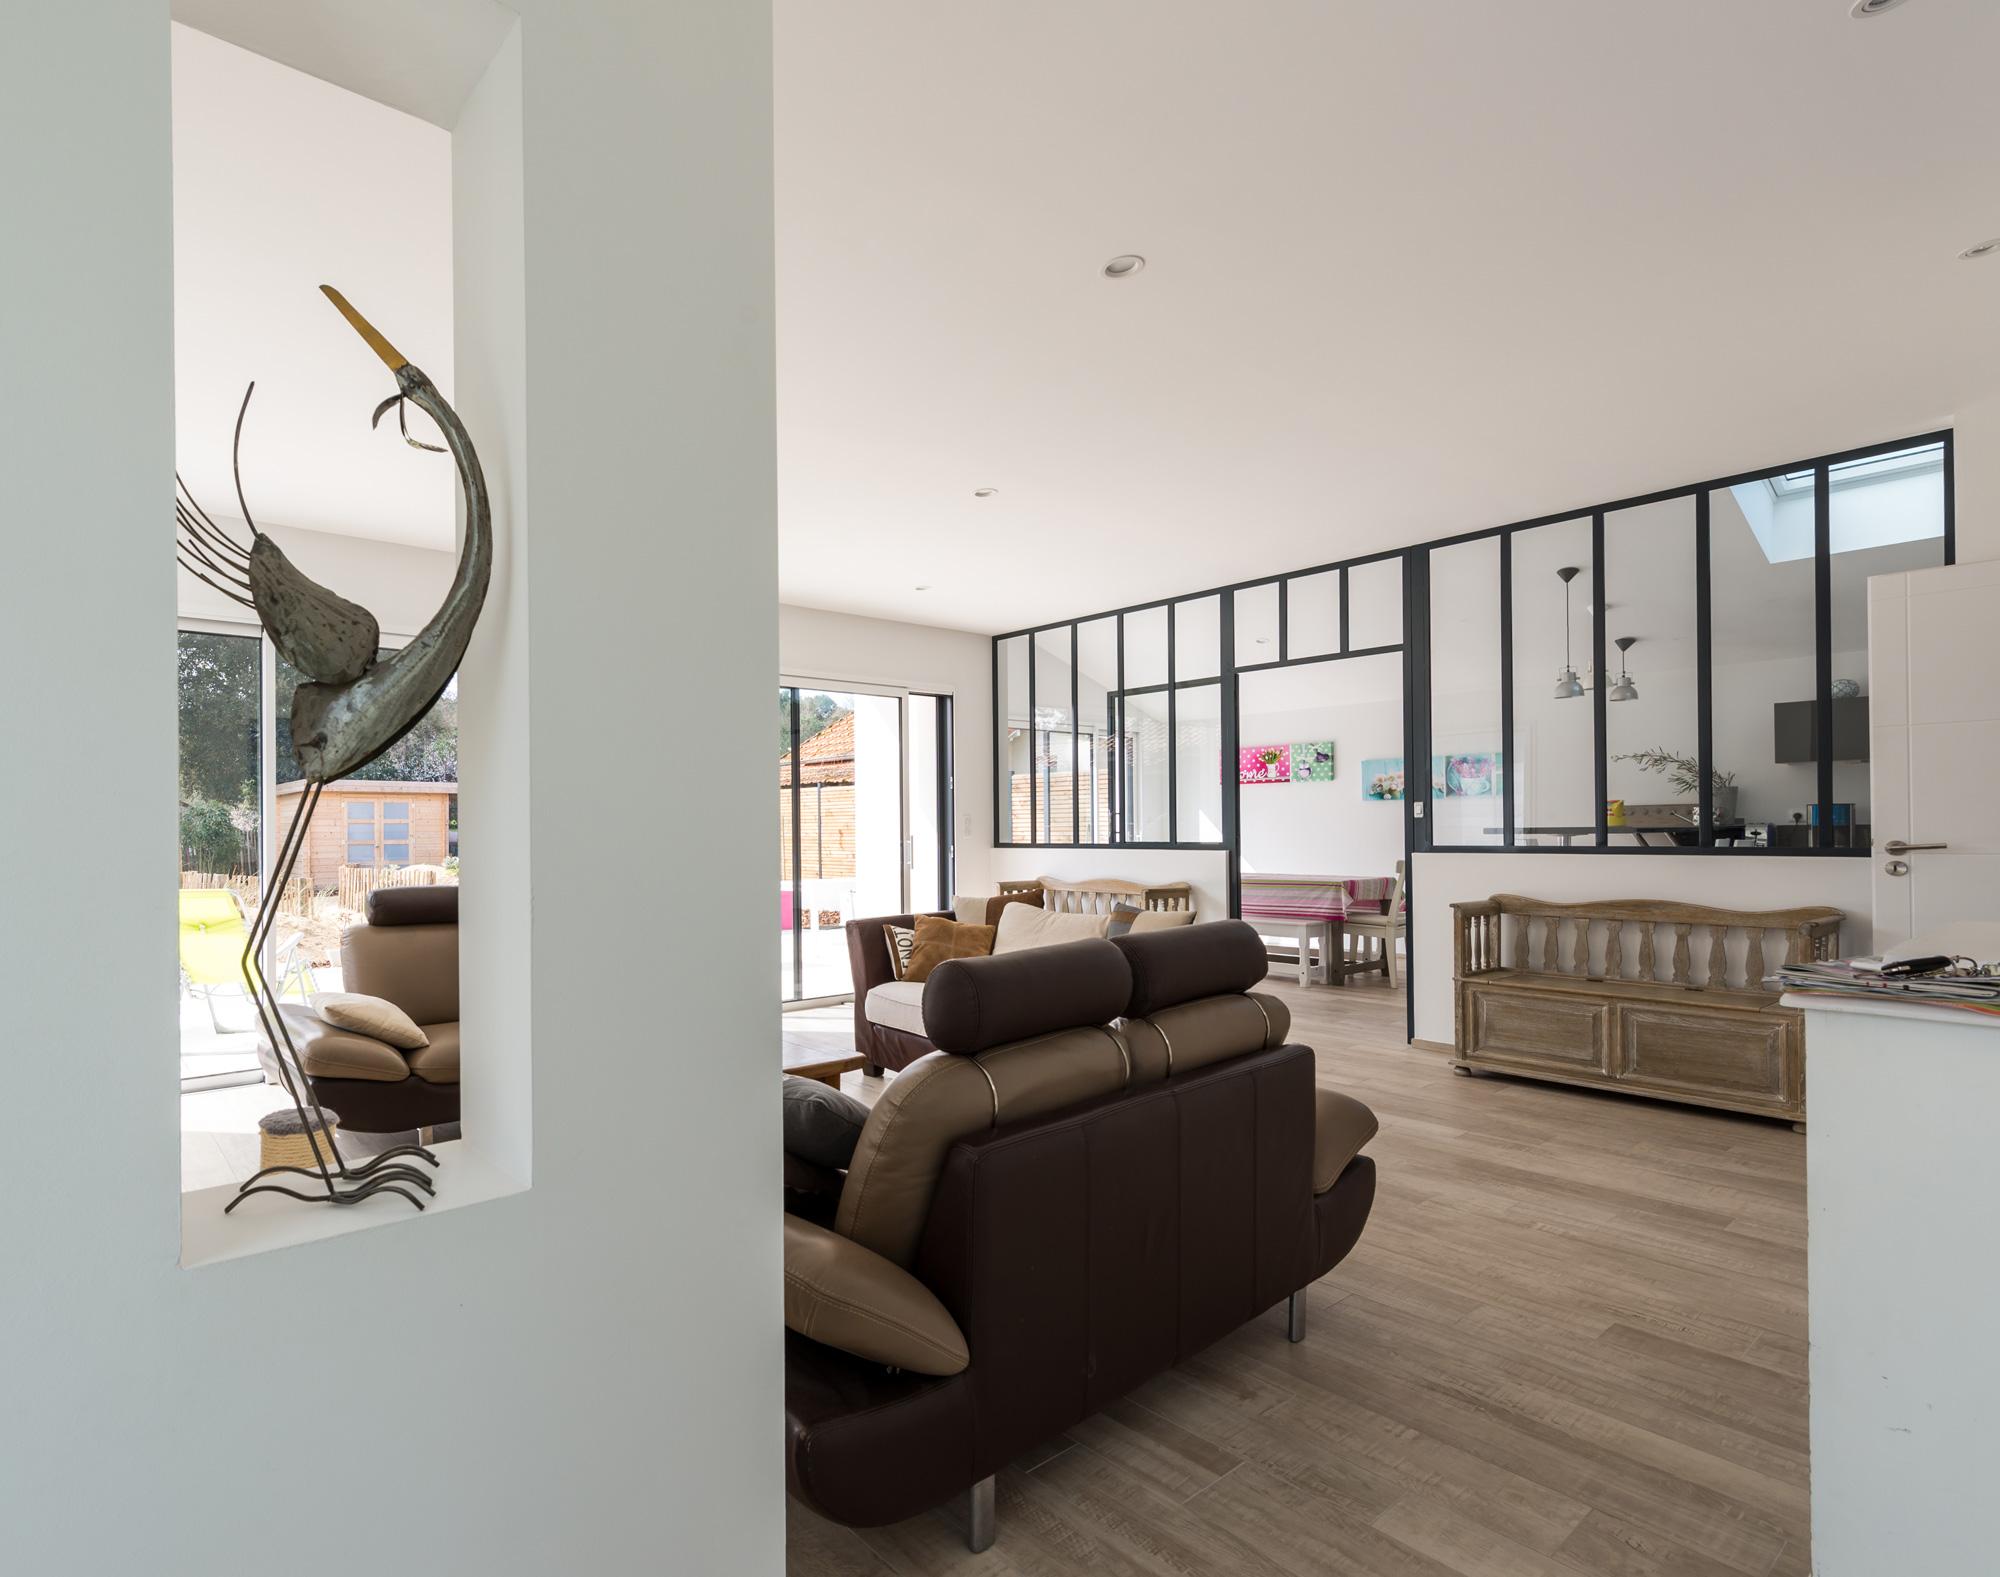 deco maison neuve maison neuve toit plat chambre maitre moderne de bain chambre des maitres. Black Bedroom Furniture Sets. Home Design Ideas